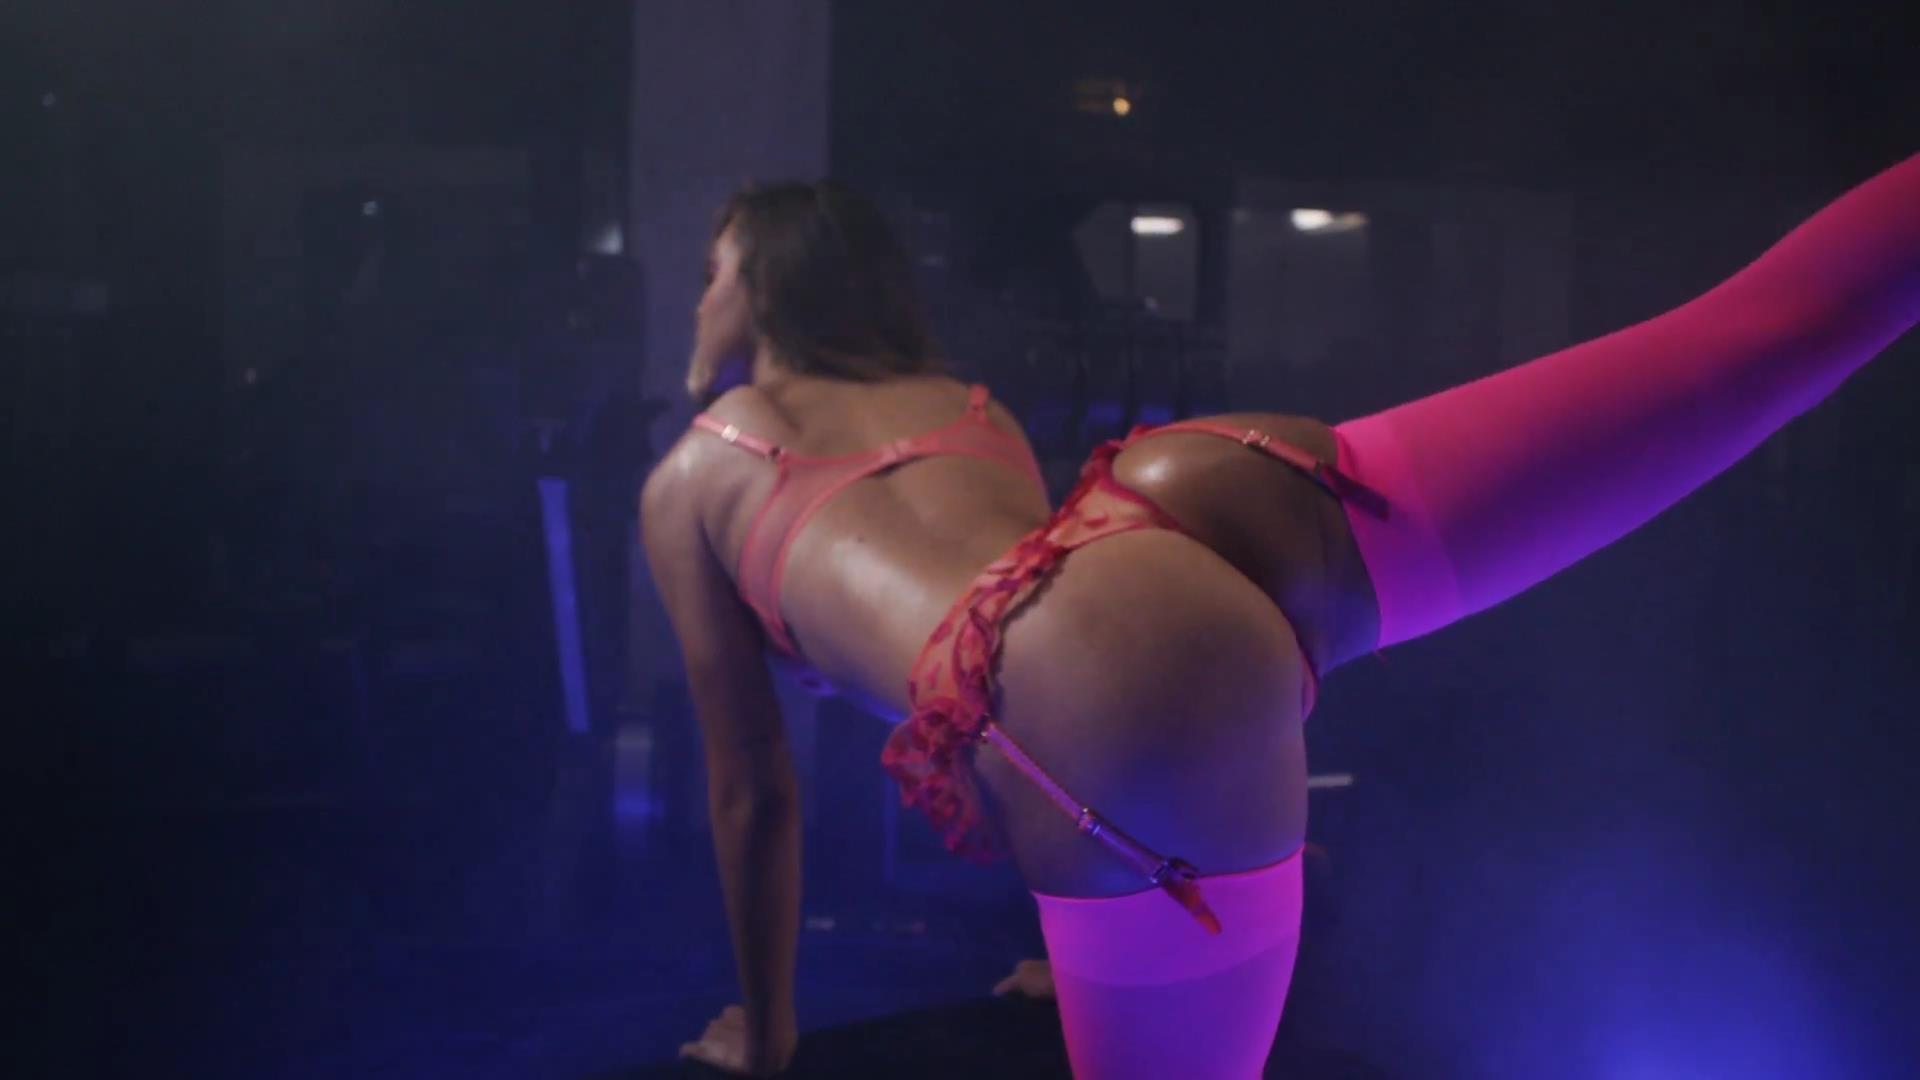 Alexis Ren pillada desnuda 1